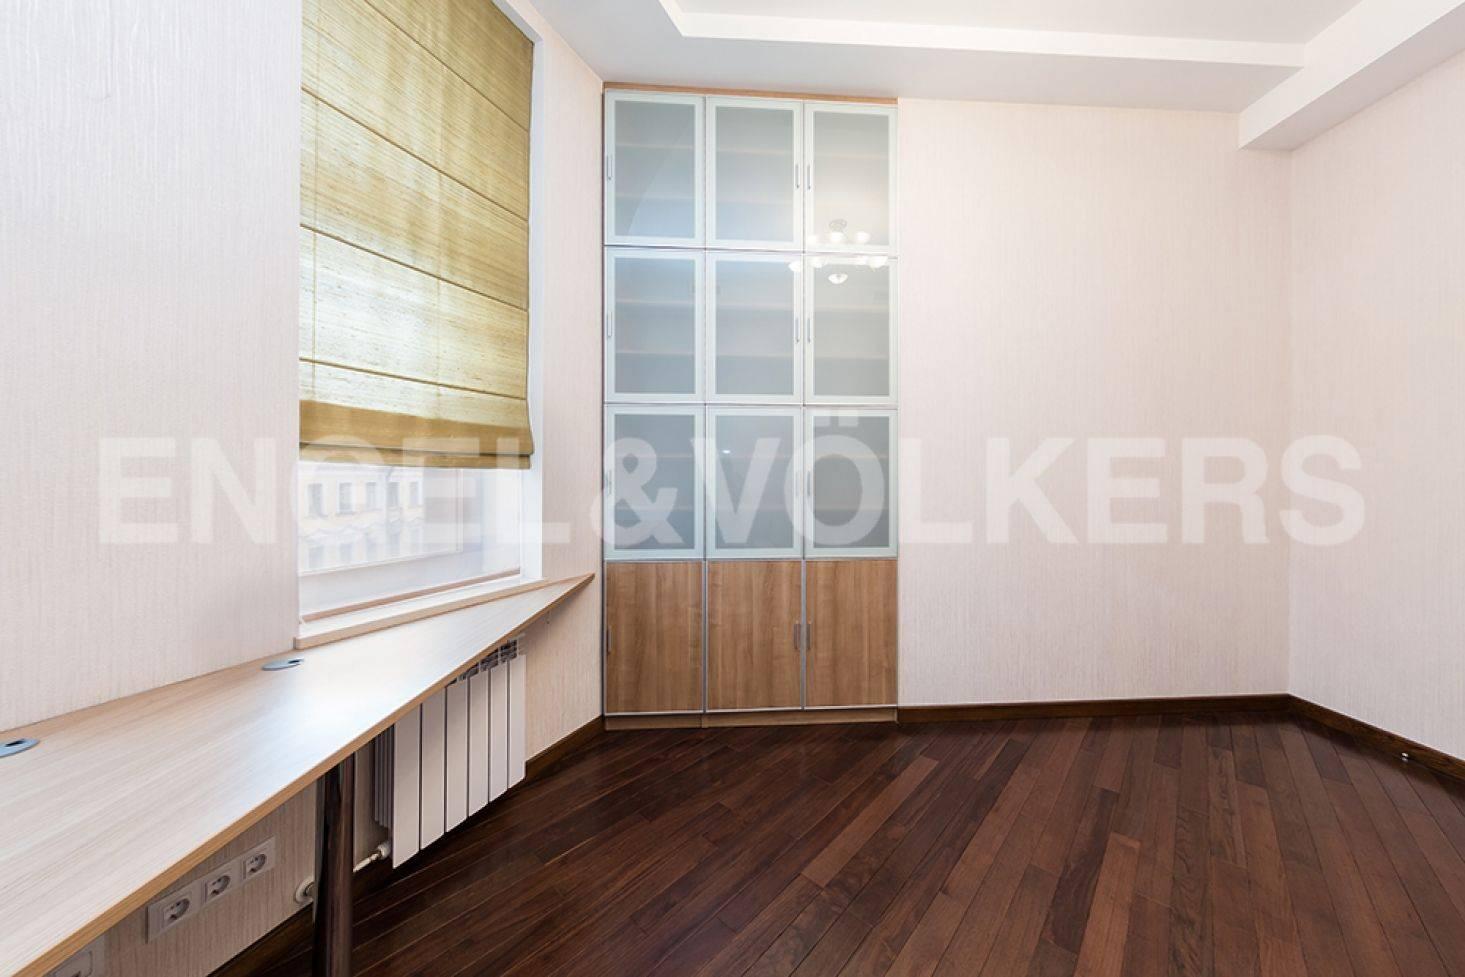 Элитные квартиры в Центральный р-н. Санкт-Петербург, ул. Восстания 8А . Гостевая спальня (либо кабинет, либо детская)